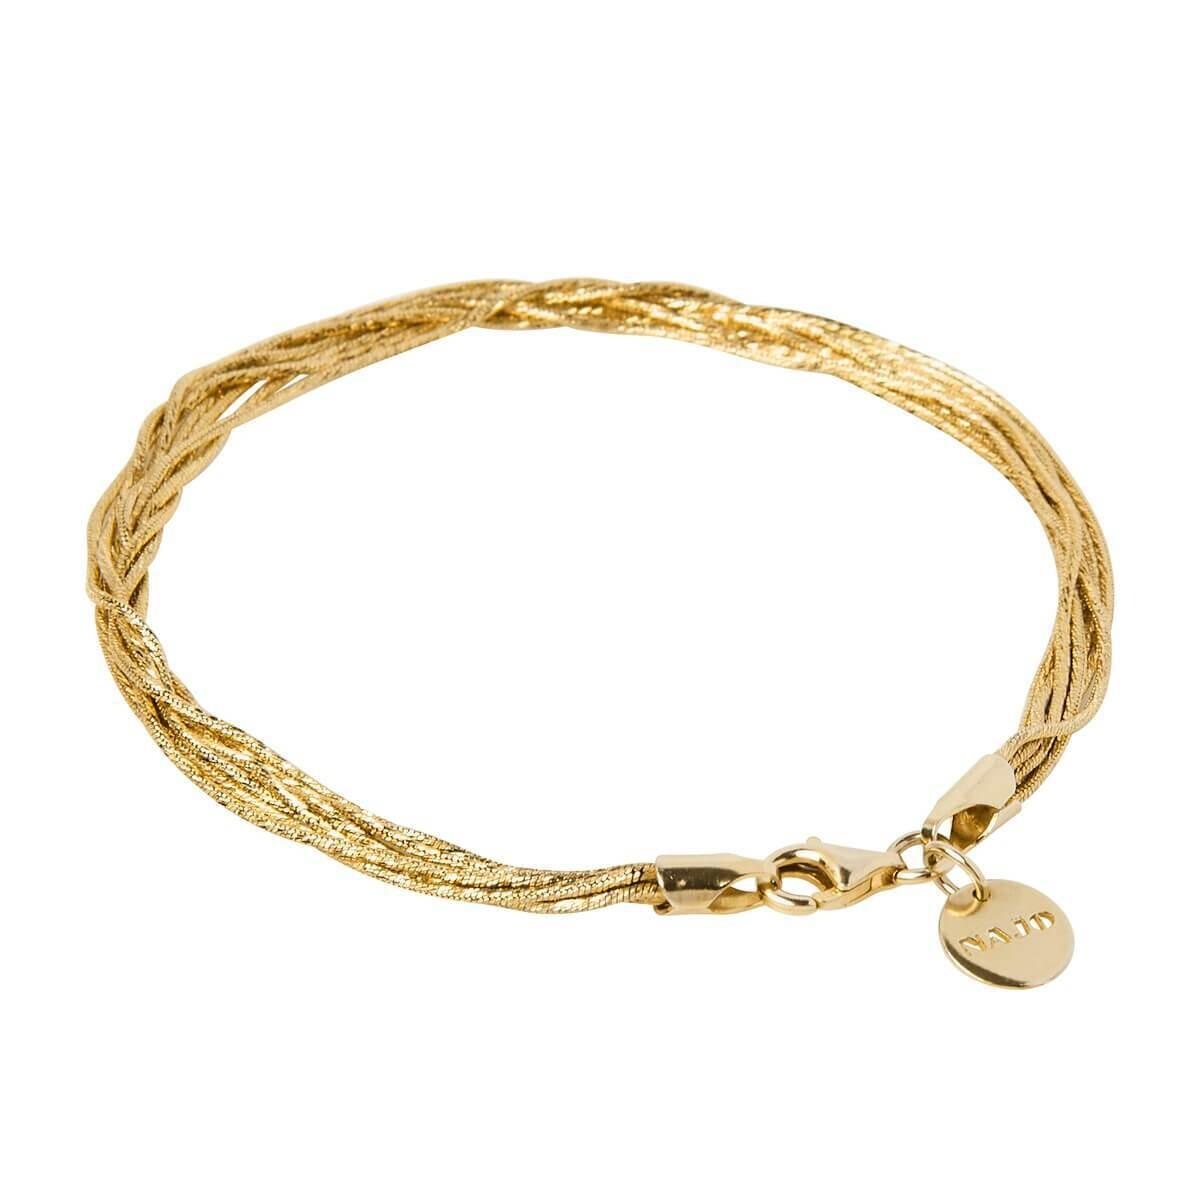 Najo Como Multi-Strand Bracelet - 14 karat Yellow Gold